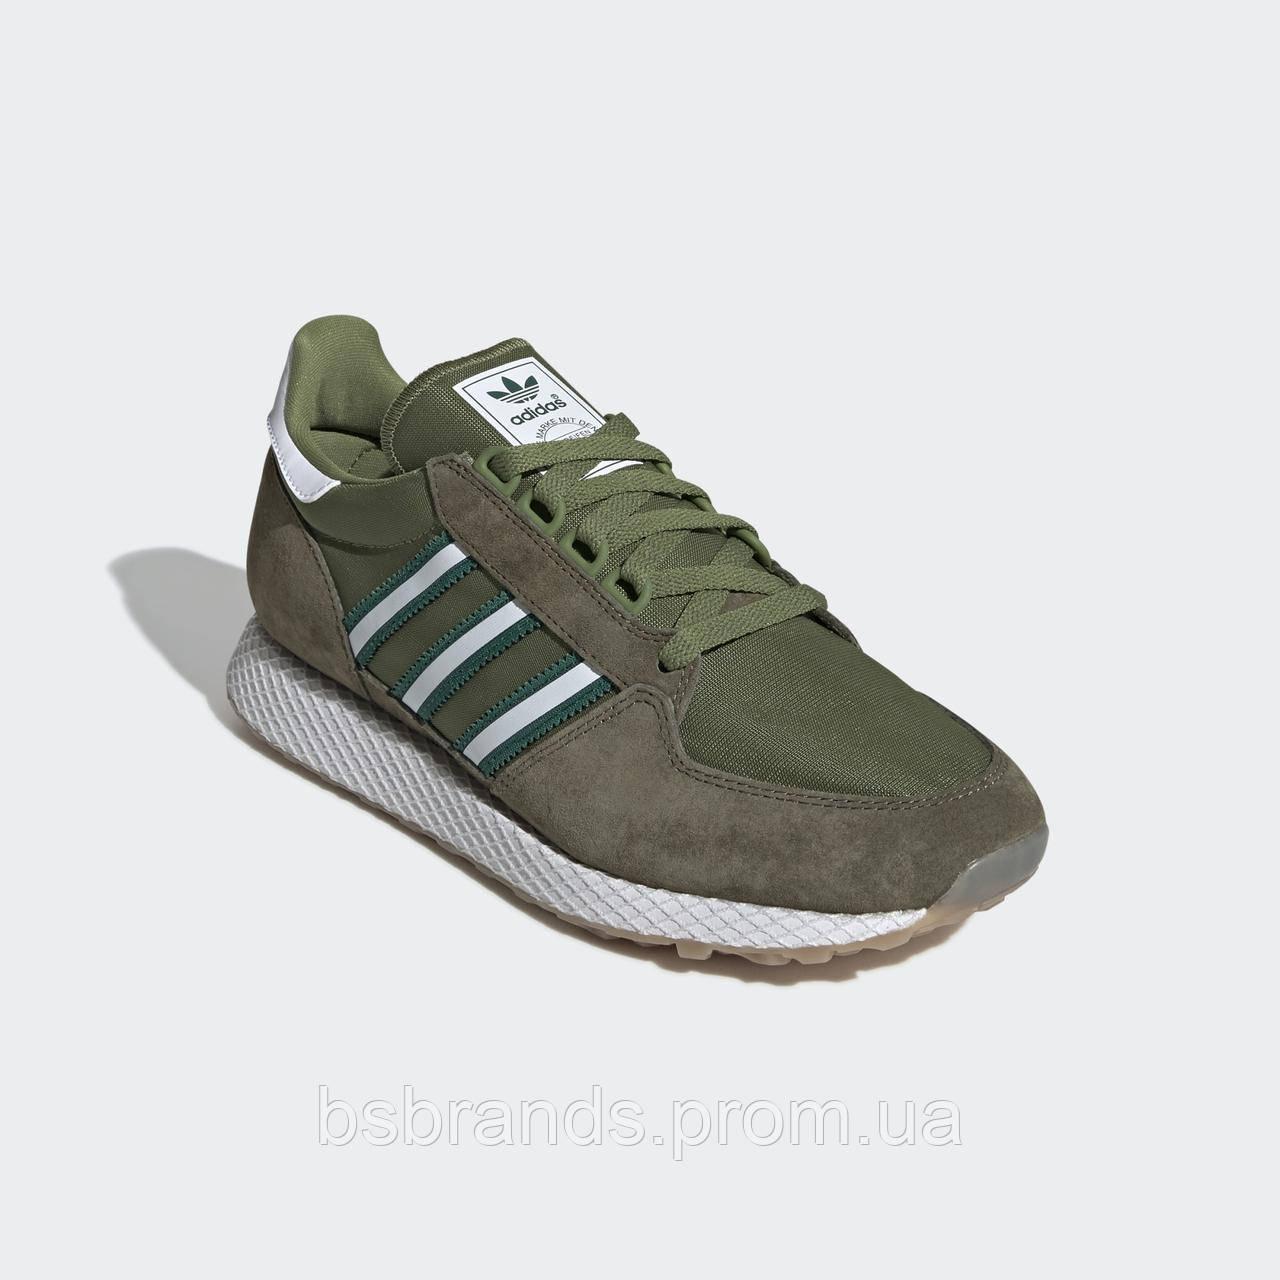 Чоловічі кросівки adidas Forest Grove EE5764 (2020/1)